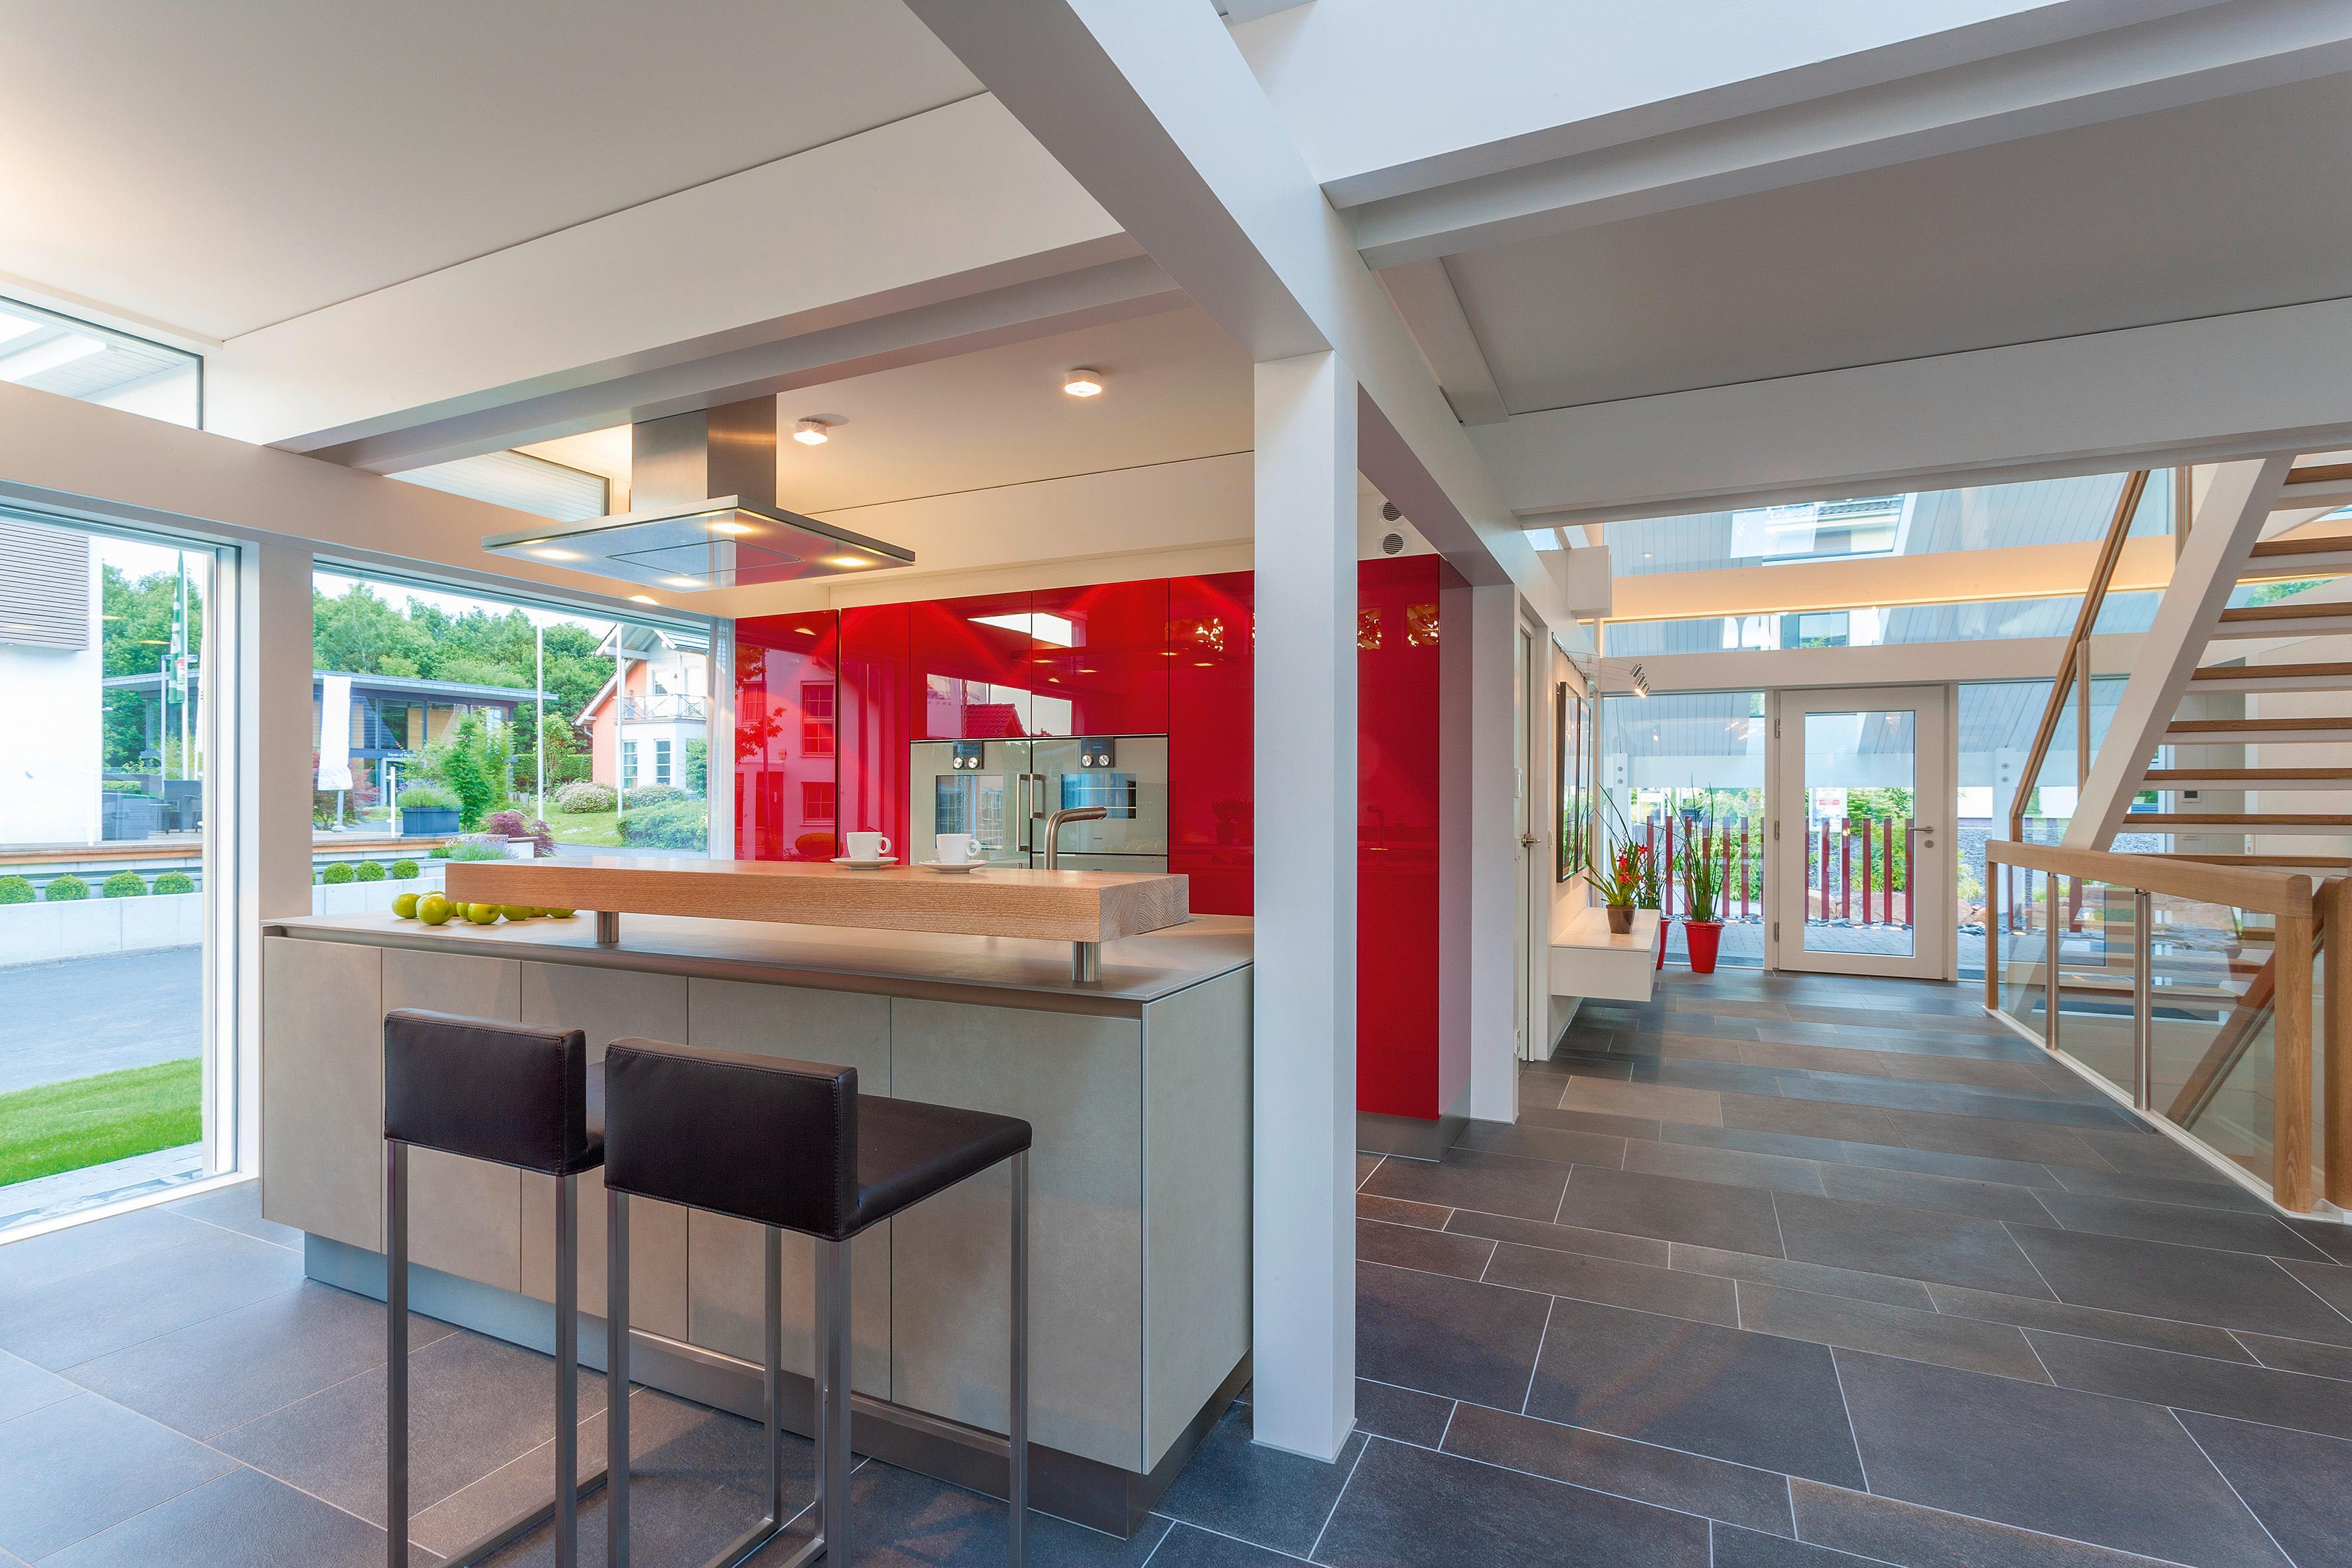 Küchentresen • Bilder & Ideen • COUCH